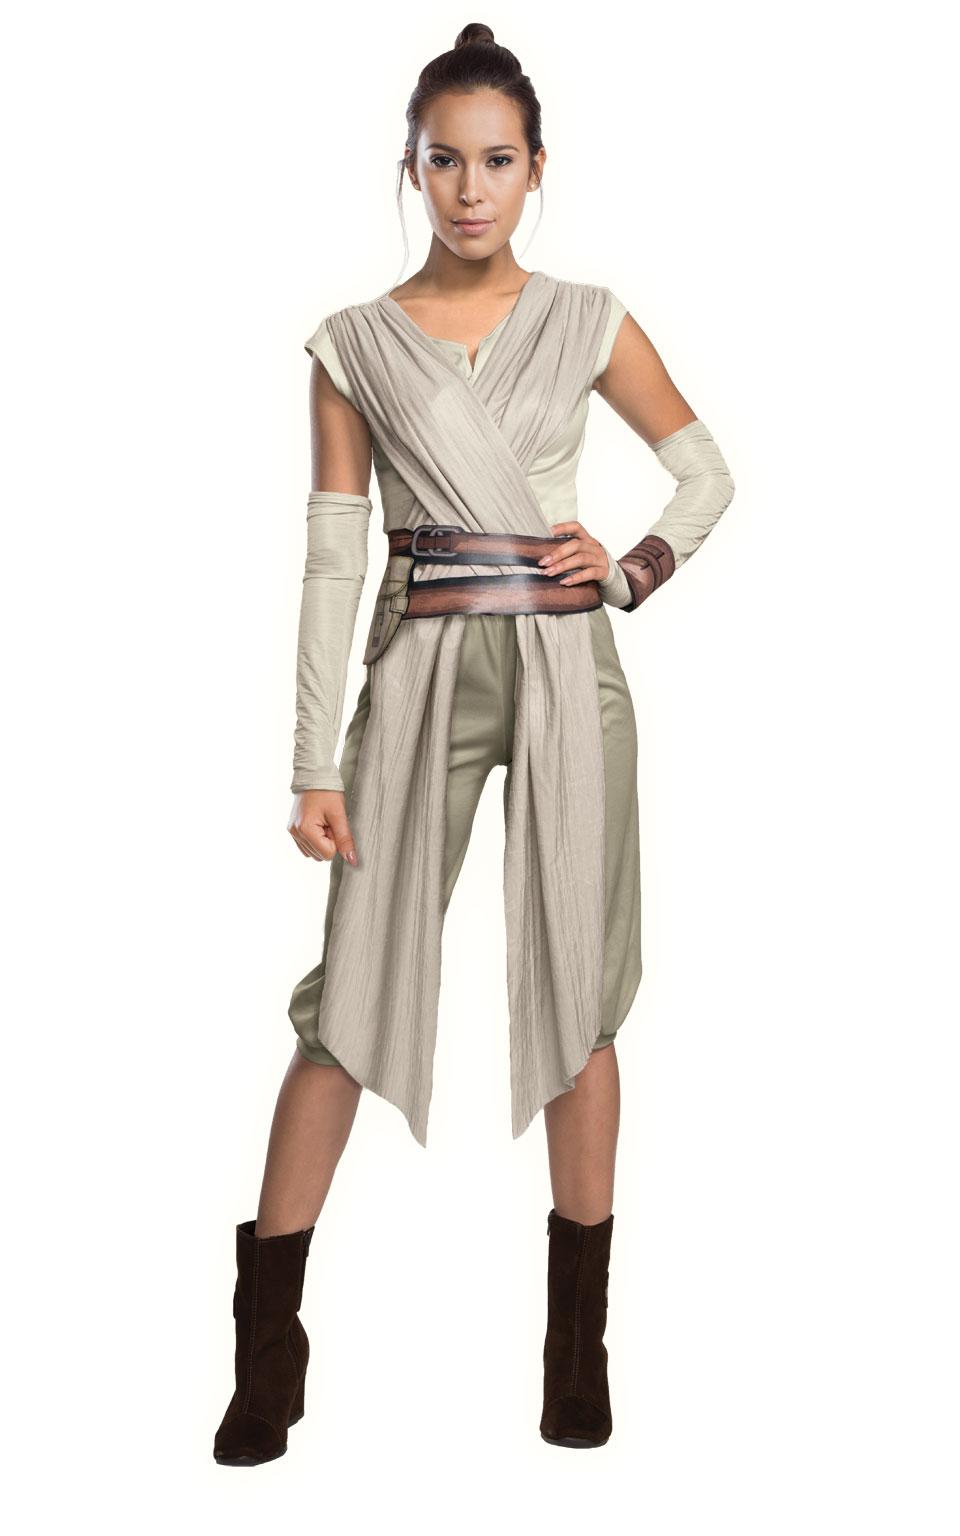 Rubies Dámsky kostým Rey - Deluxe Veľkosť - dospelý: S